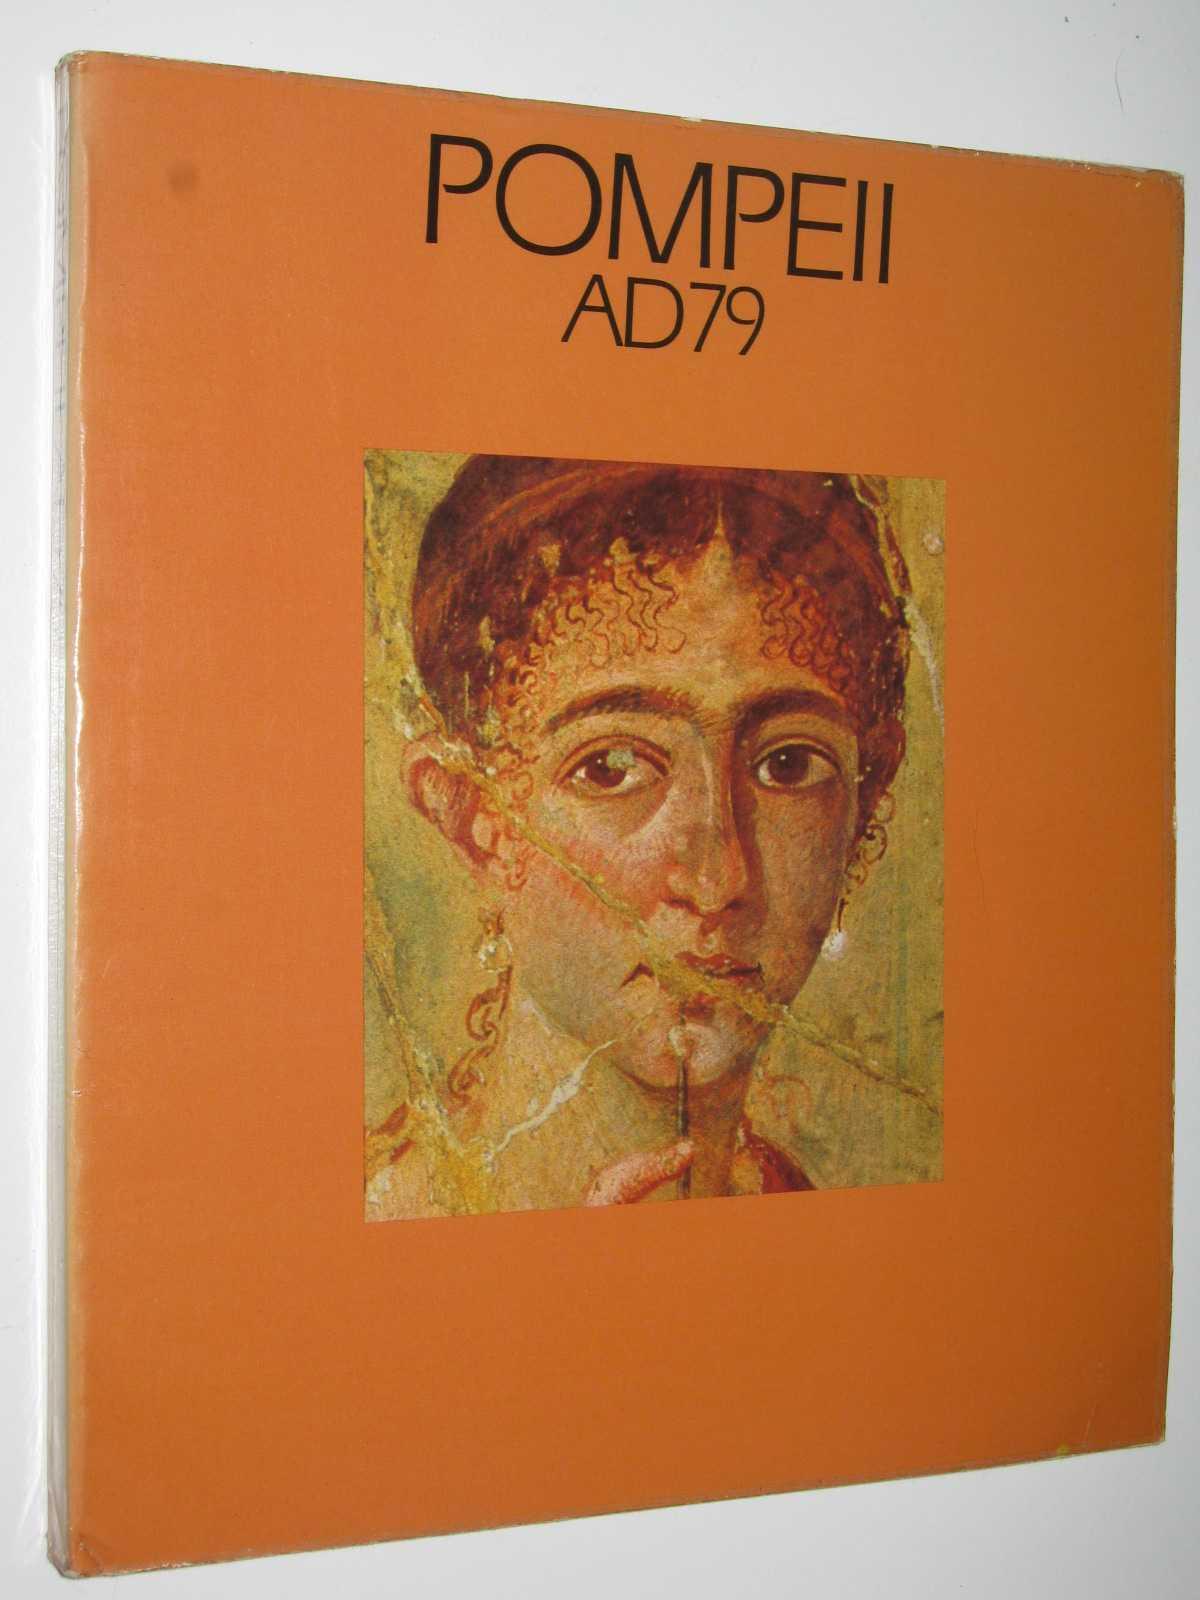 Pompeii AD79, Ward-Perkins, John & Claridge, Amanda